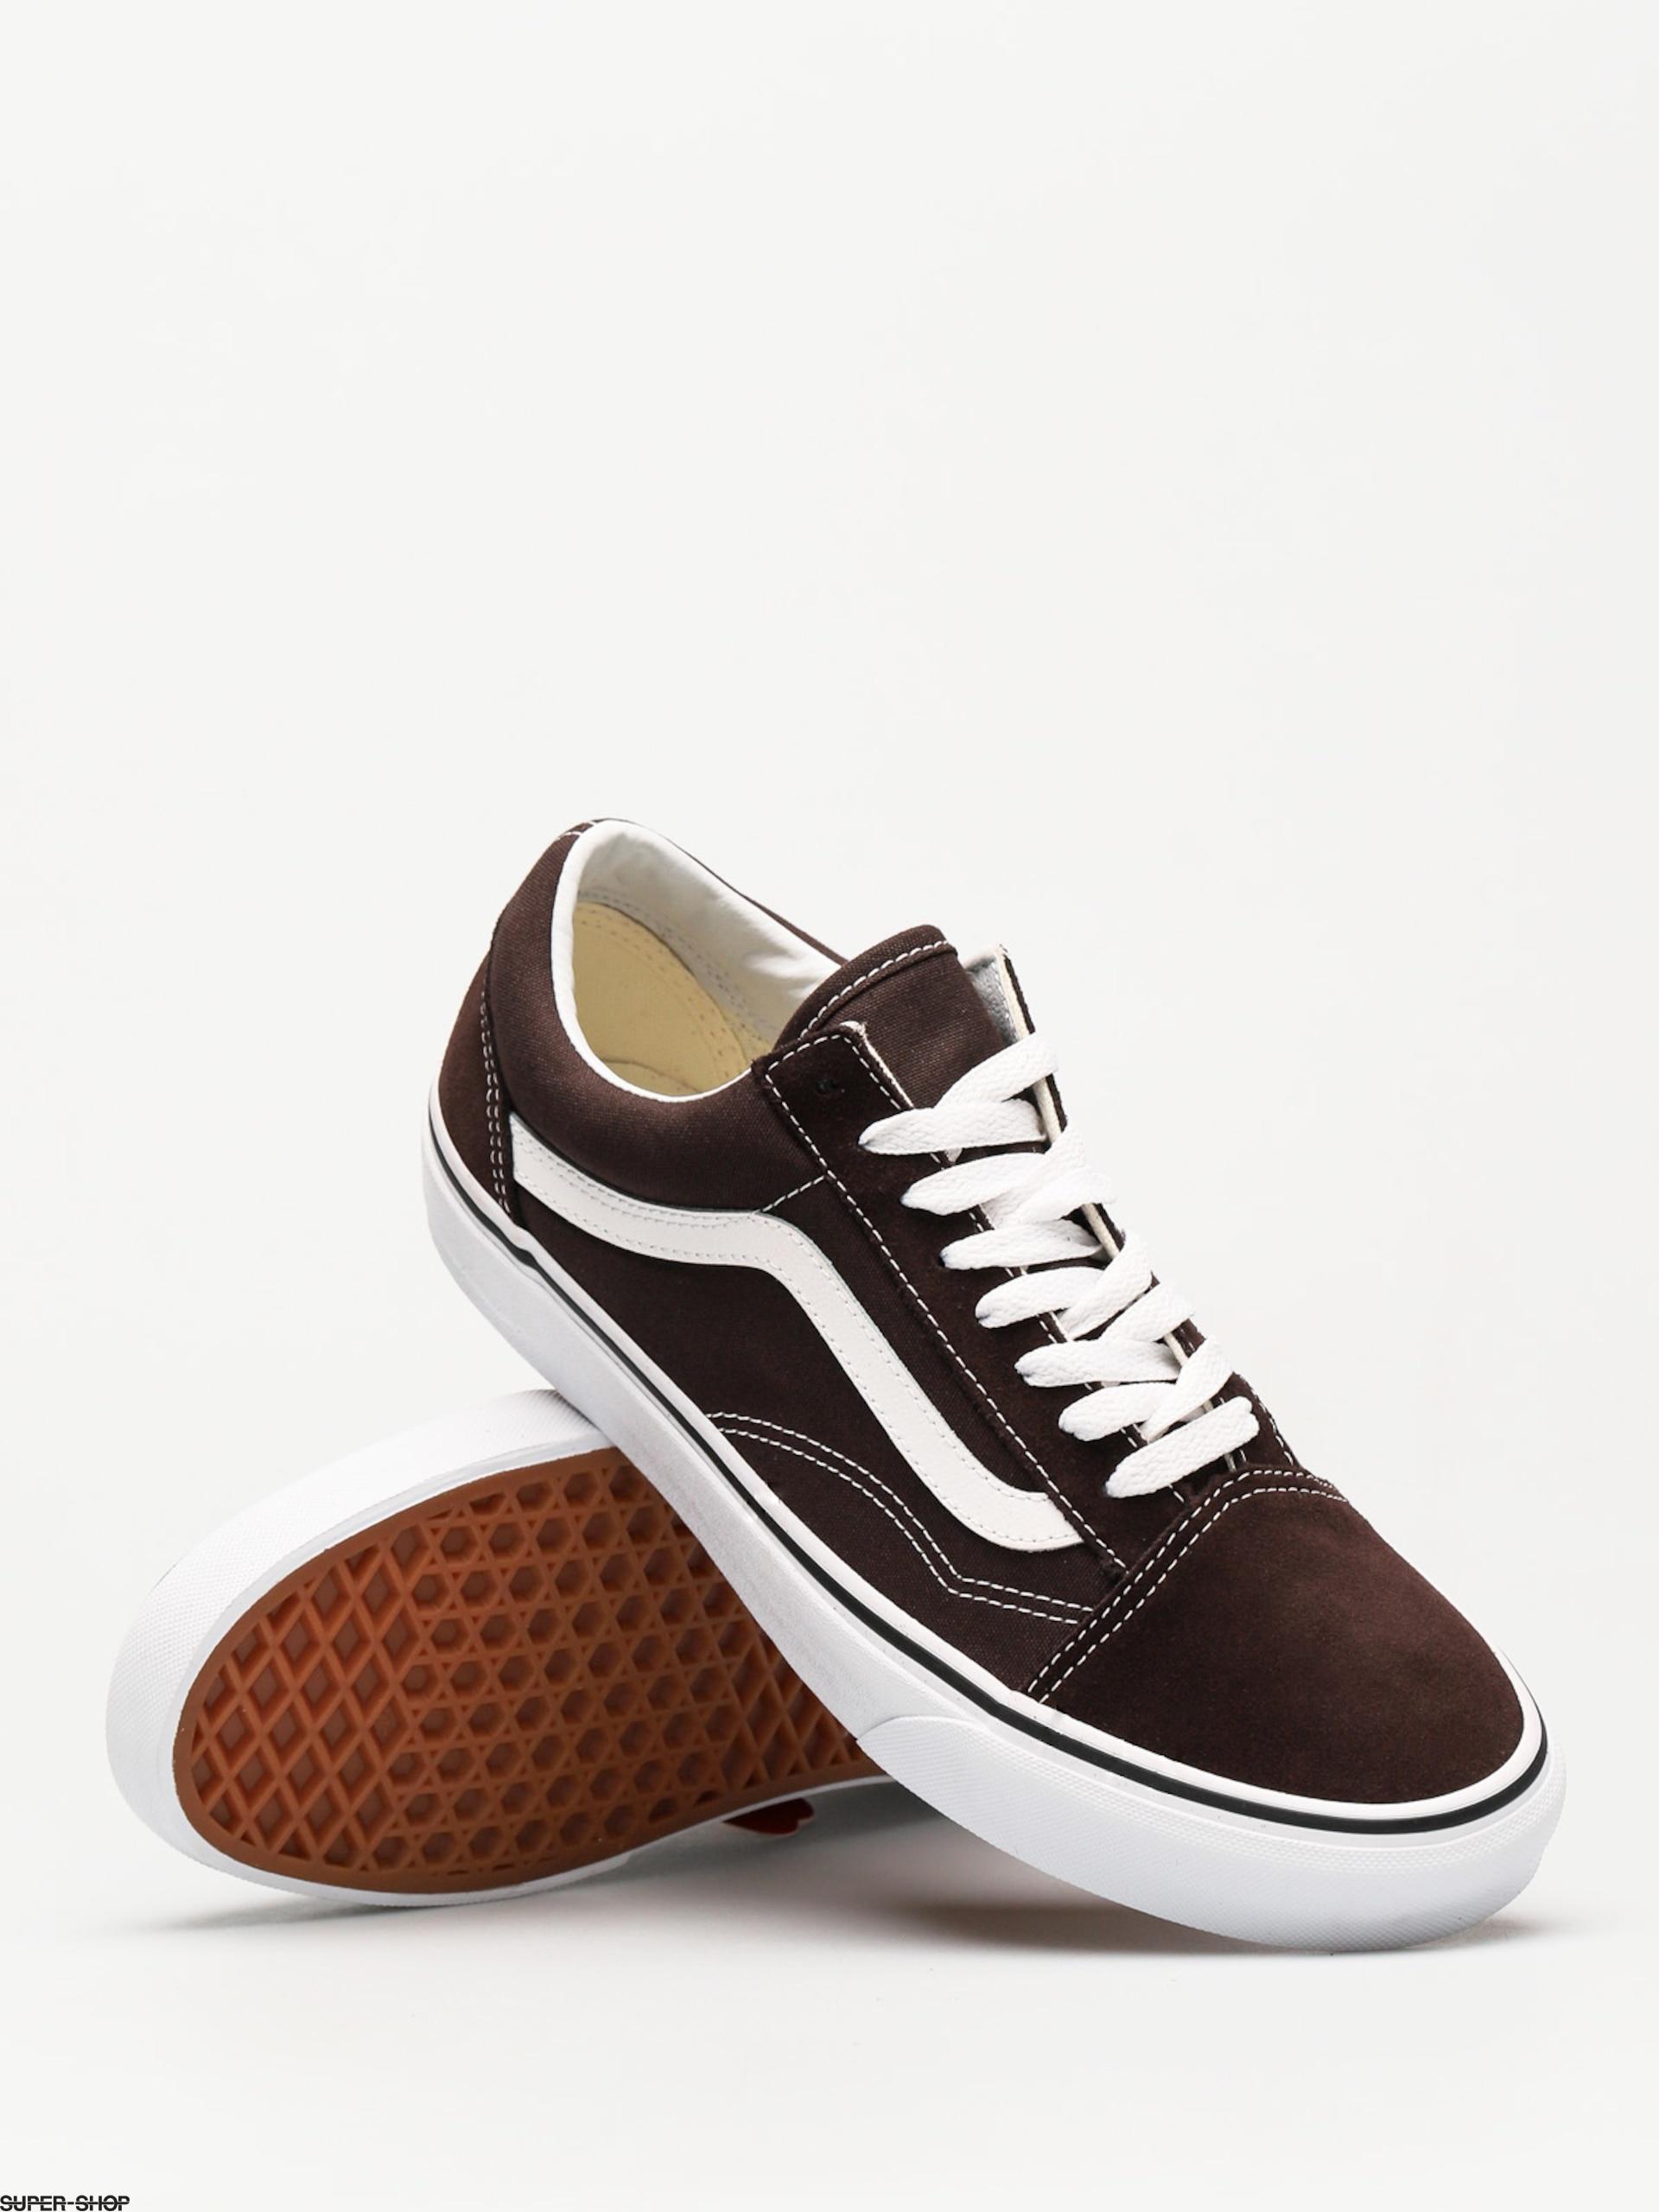 Vans Shoes Old Skool (chocolate tortetrue white)